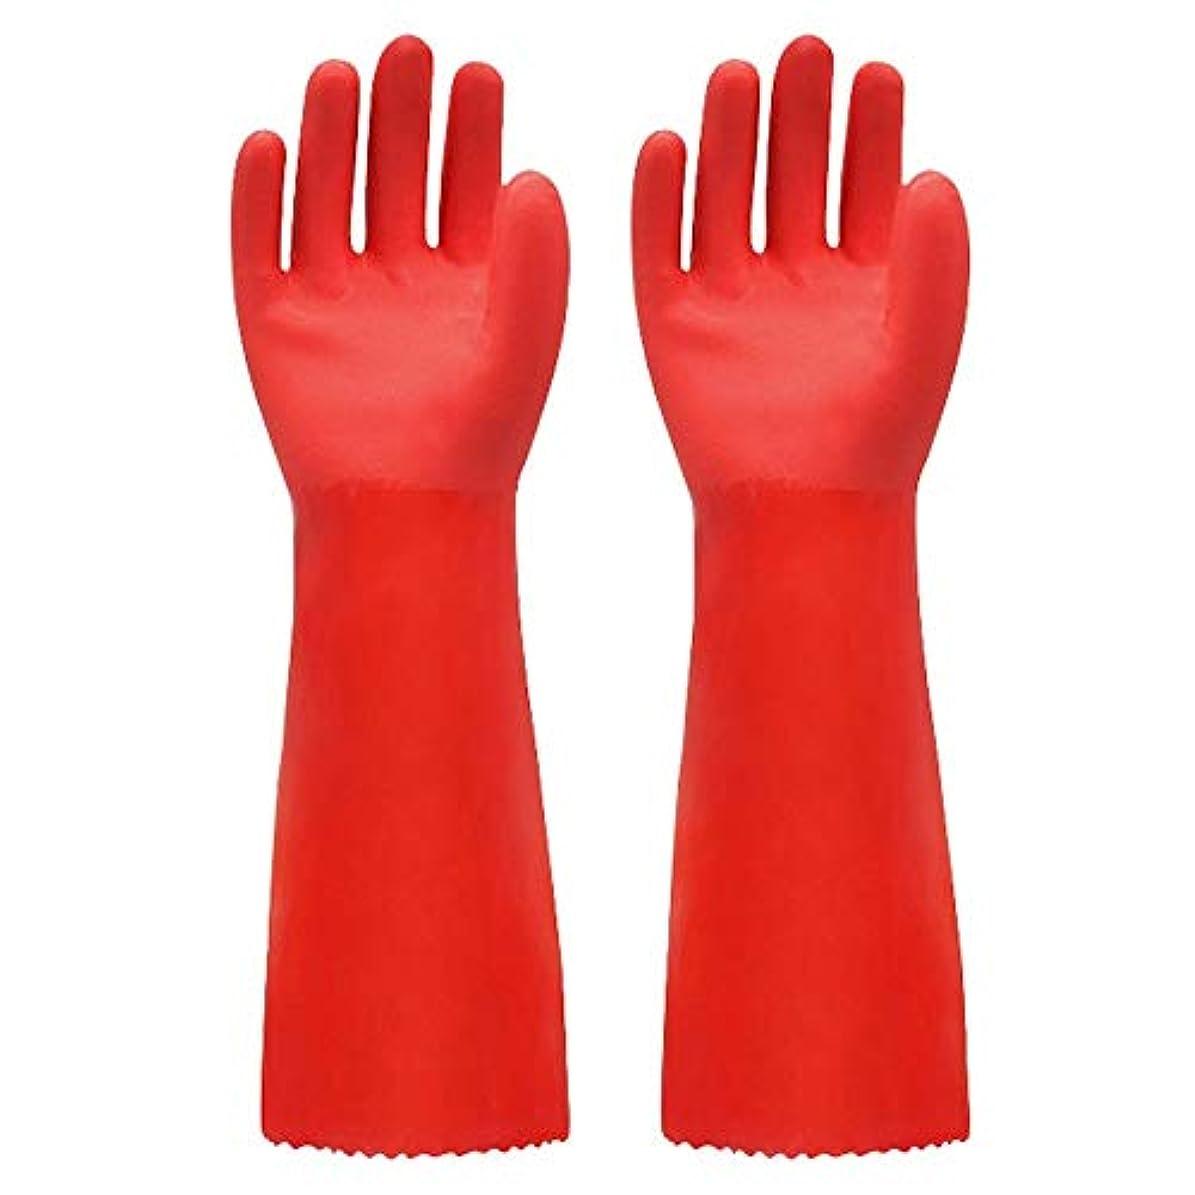 物足りないブリークリゾートBTXXYJP キッチン用手袋 手袋 掃除用 ロング 耐摩耗 食器洗い 作業 炊事 食器洗い 園芸 洗車 防水 手袋 (Color : RED, Size : L)